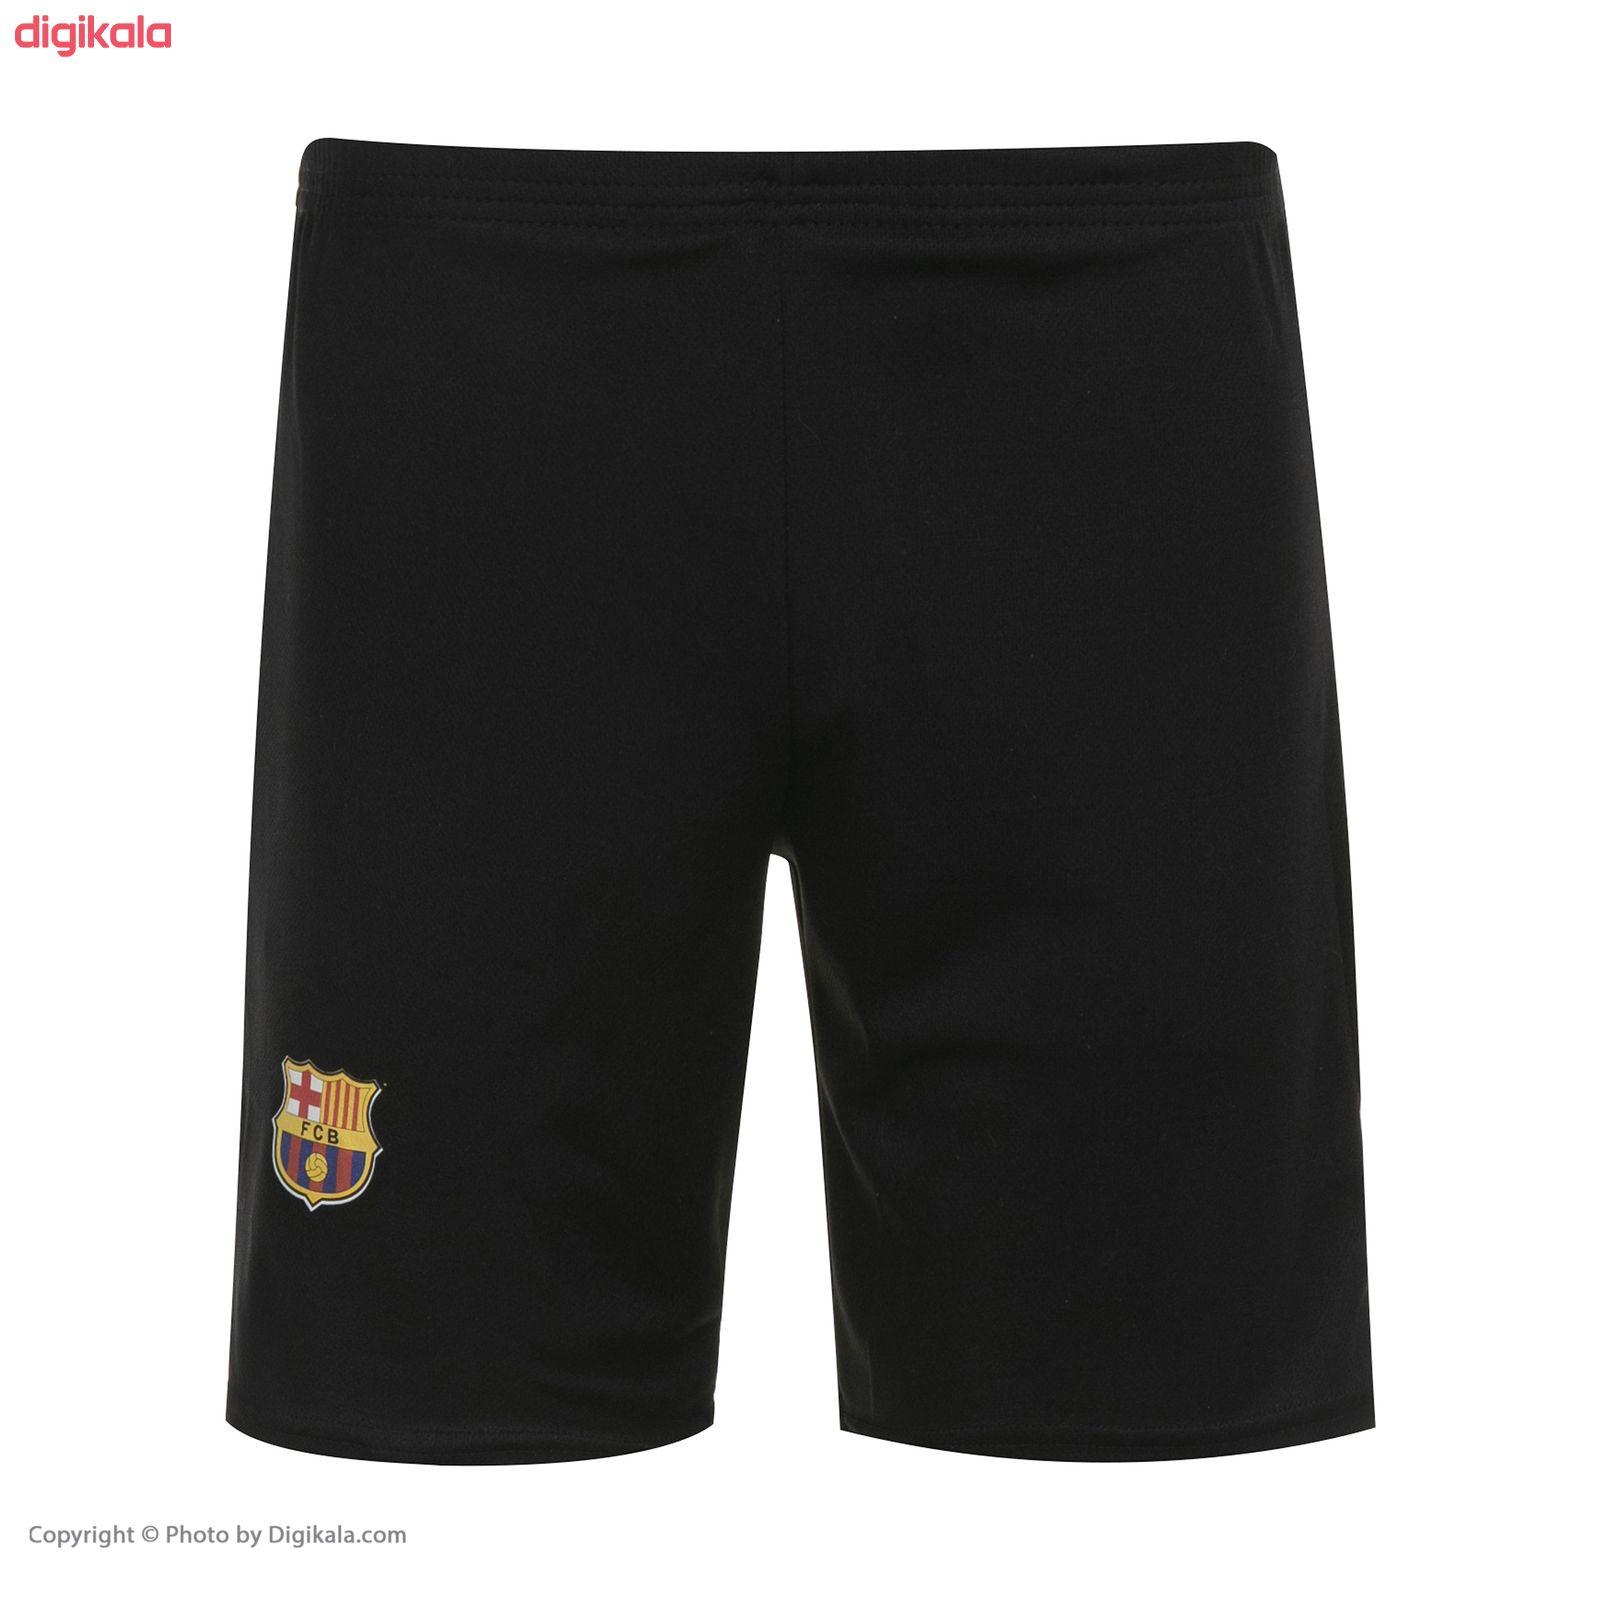 ست پیراهن و شورت ورزشی پسرانه طرح تیم بارسلونا دوم مدل مسی 2021 main 1 4